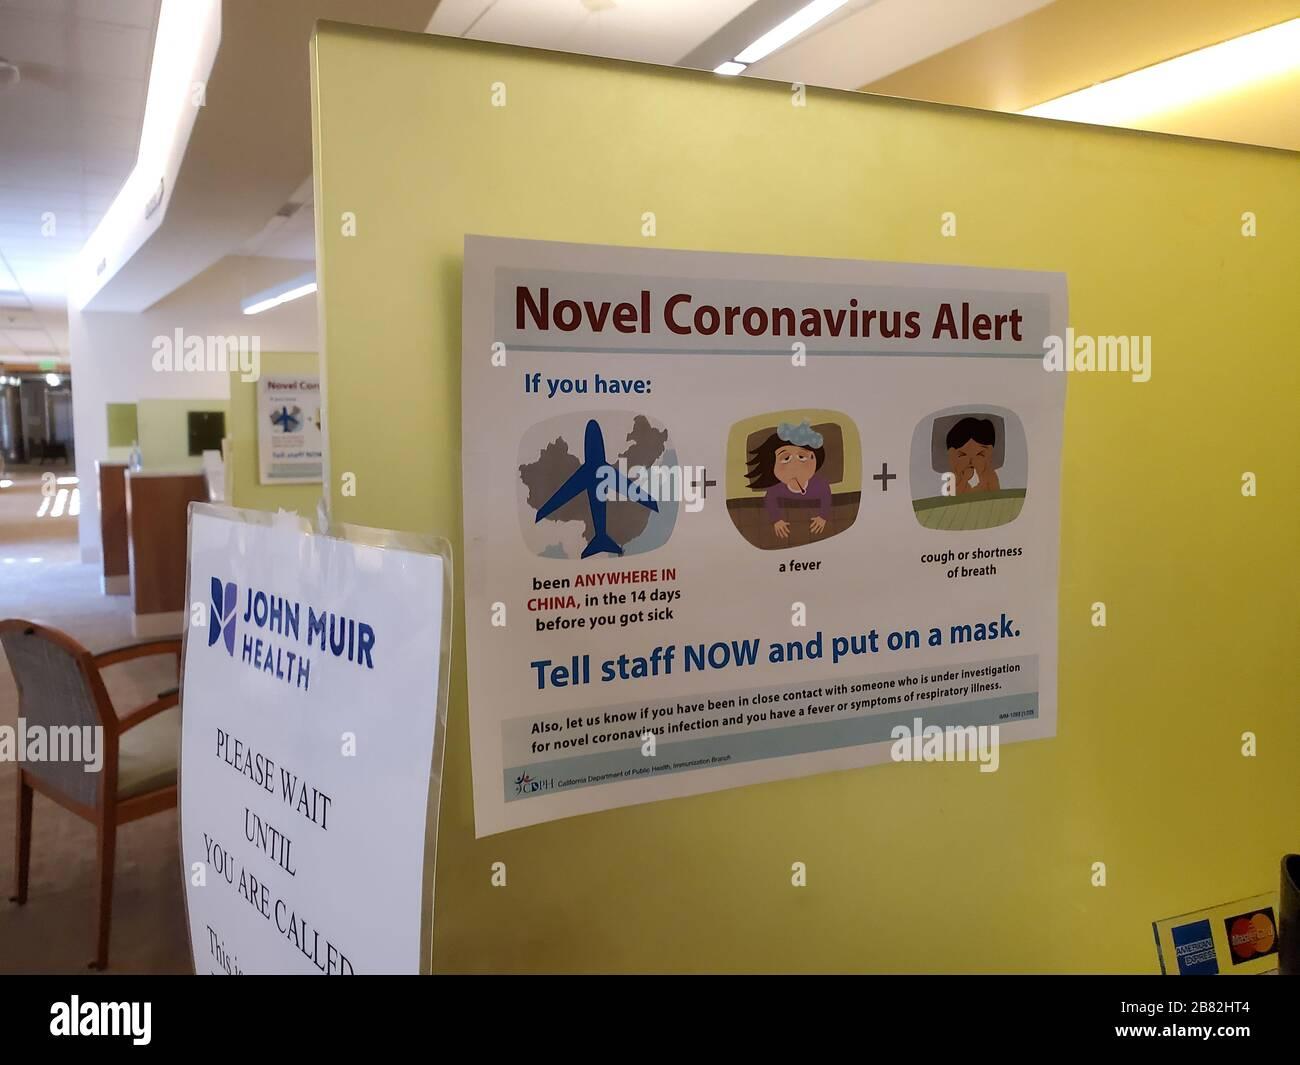 """Warnschild mit Textanzeige """"Novel Coronavirus Alert"""", Bezug auf Quarantäne- und Screening-Verfahren für Patienten mit einer möglichen Exposition gegenüber einem neuartigen Coronavirus, das sich in China ausbreitet, in einem medizinischen Zentrum von John Muir Health in Walnut Creek, Kalifornien, 9. Februar 2020. () Stockfoto"""